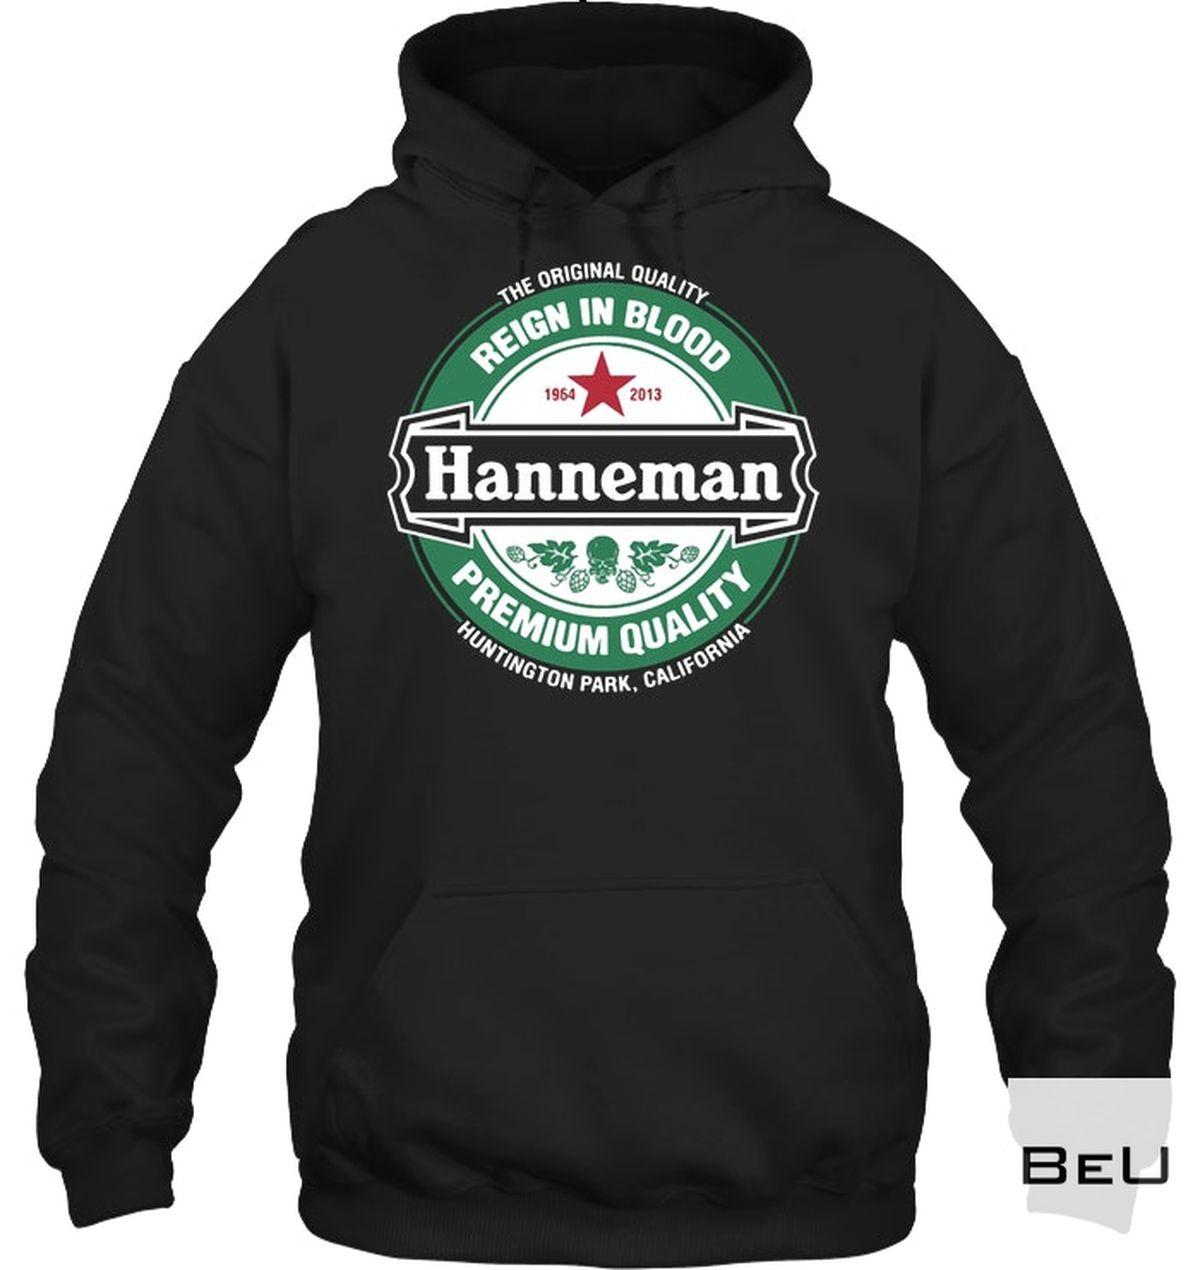 Luxury Hanneman Reign In Blood Premium Quality Shirt